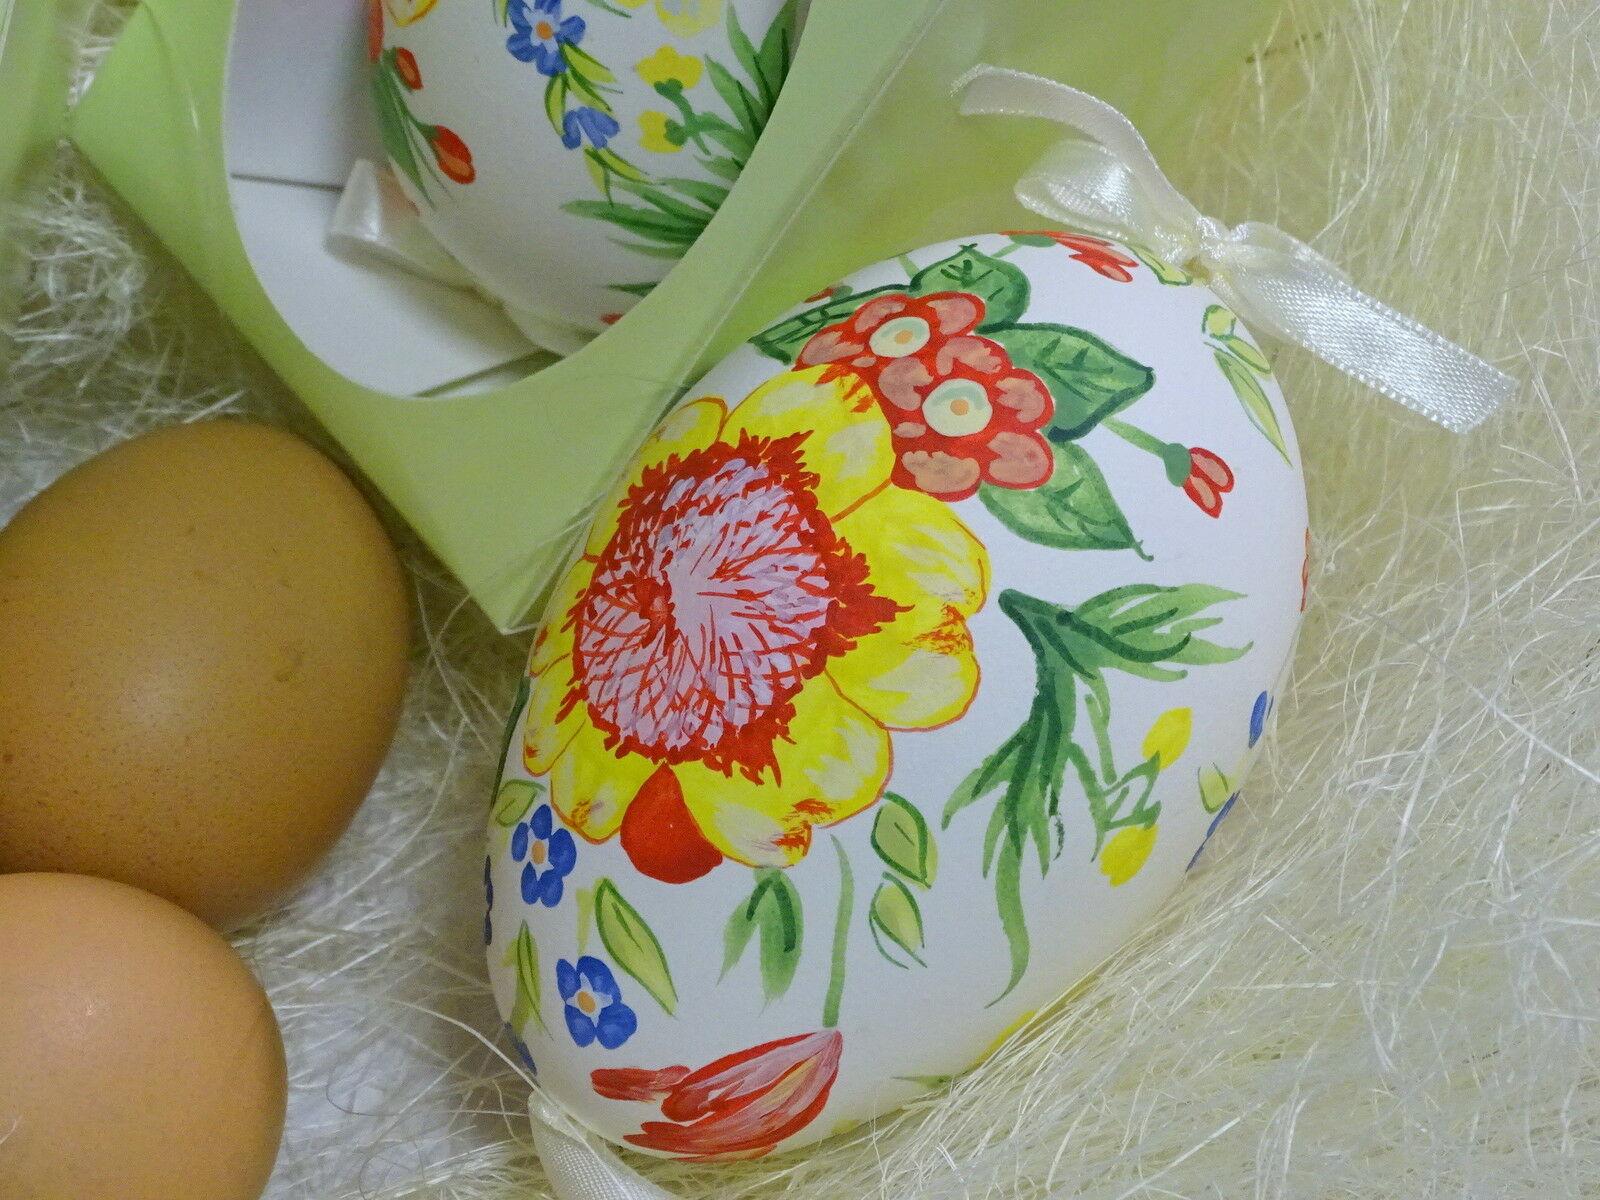 Osterei echte Gänse Eierschale handbemalt ca. 9 cm Ostern Ei Anhänger Dekoeier - SPRING JEWELS 216